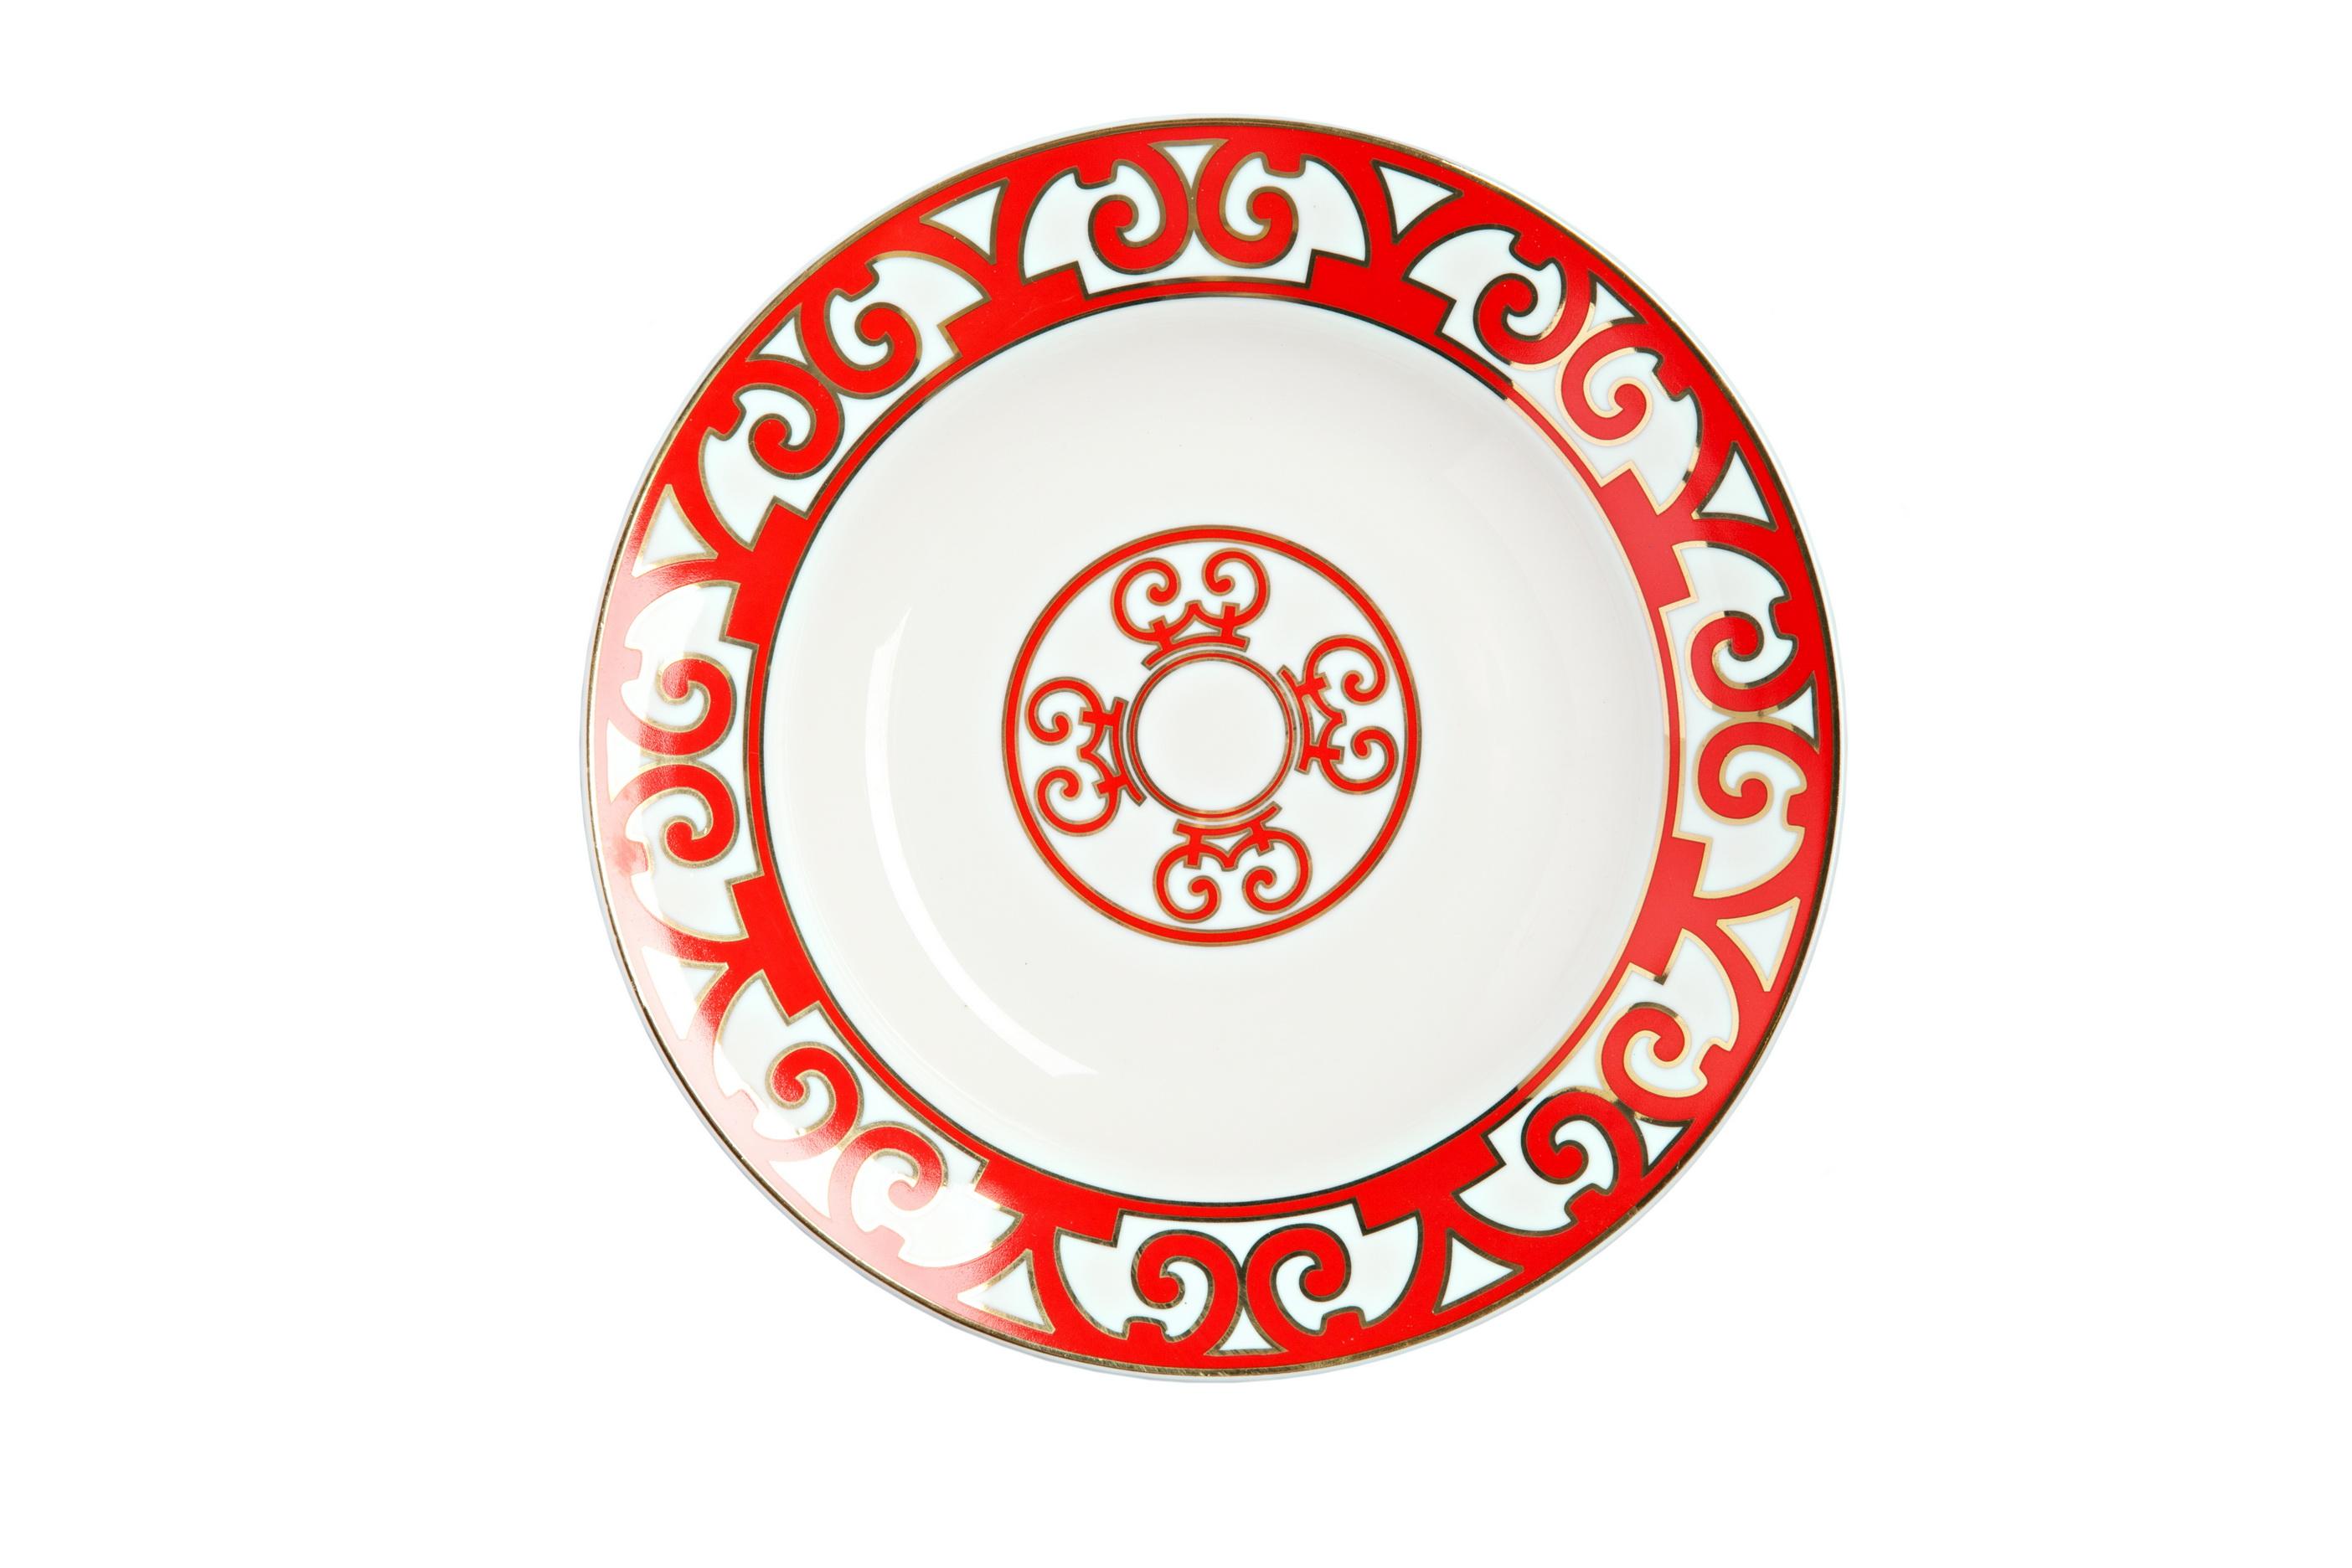 Тарелка для супа HeritageТарелки<br>Яркая и нарядная суповая тарелка коллекции «Heritage» (Наследие) внесет праздничные нотки в ежедневную трапезу, и украсит собой торжественный обед. Тарелка изготовлена из костяного фарфора высшего качества и декорирована великолепным орнаментом в стиле модерн (moderne) по краю и солярным символом в центре. Очень выигрышно смотрится сочетание белоснежного фарфора и алой отделки: простое и одновременно контрастное, оно придает изделию эффектный, сияющий вид.<br>Как и другие изделия, серии вы можете приобрести тарелку для супа отдельно или в составе сервиза.<br><br>Material: Фарфор